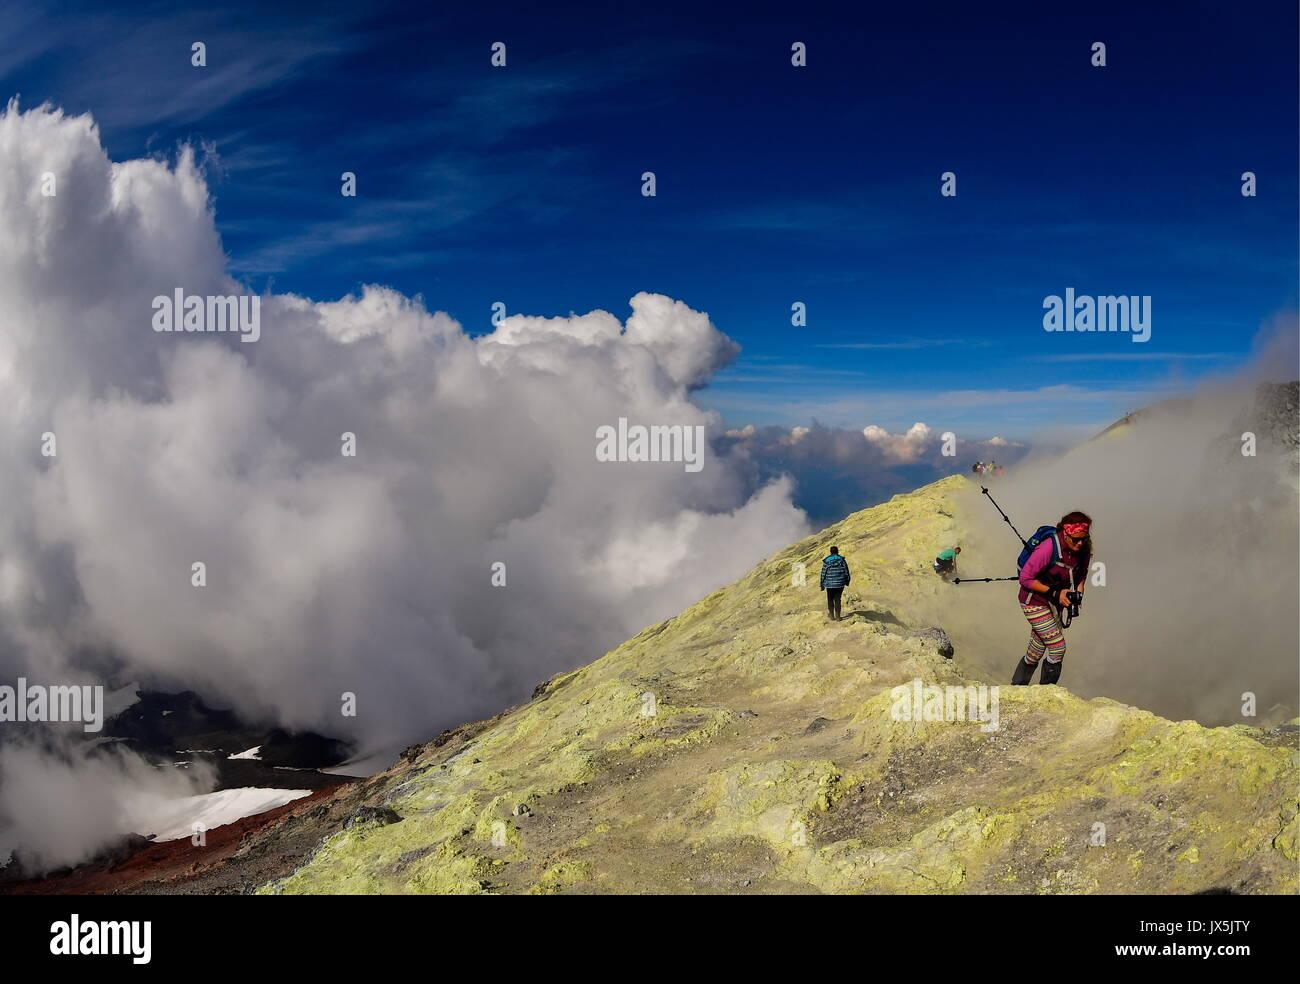 Territoire du Kamtchatka, en Russie. 12Th Aug 2017. Les touristes à la cratère d'Avachinsky stratovolcan Photo Stock